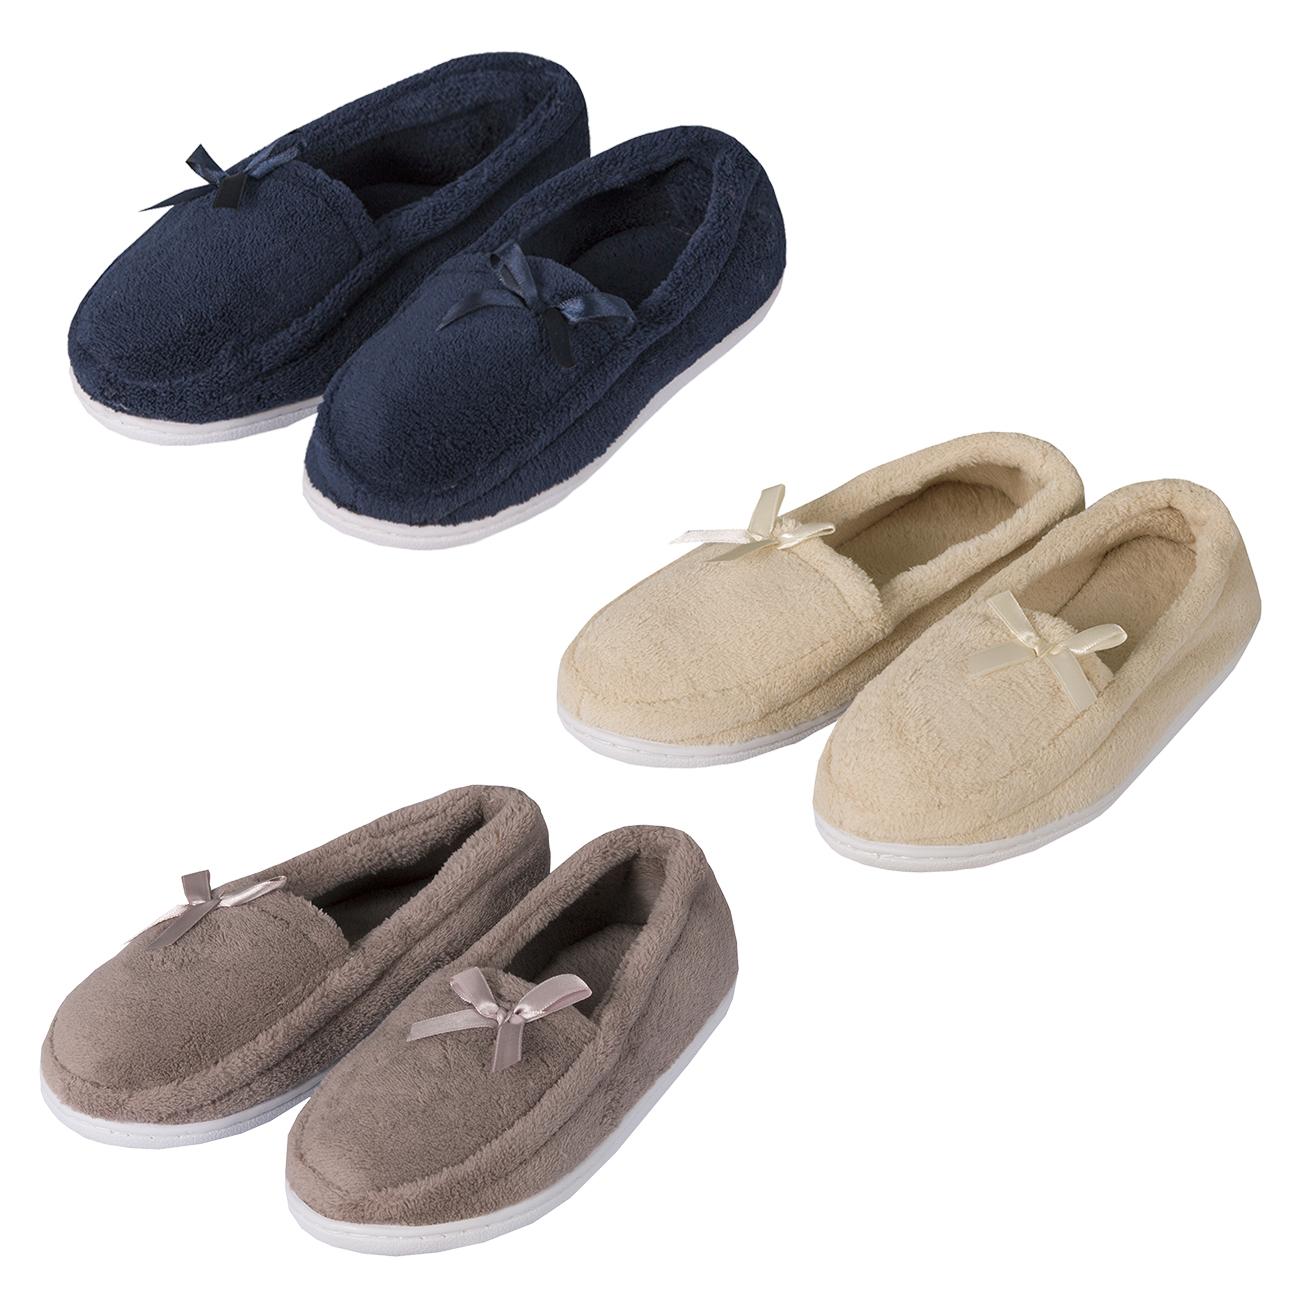 Ladies Womens Plain Moccasin Slippers Memory Foam Fur